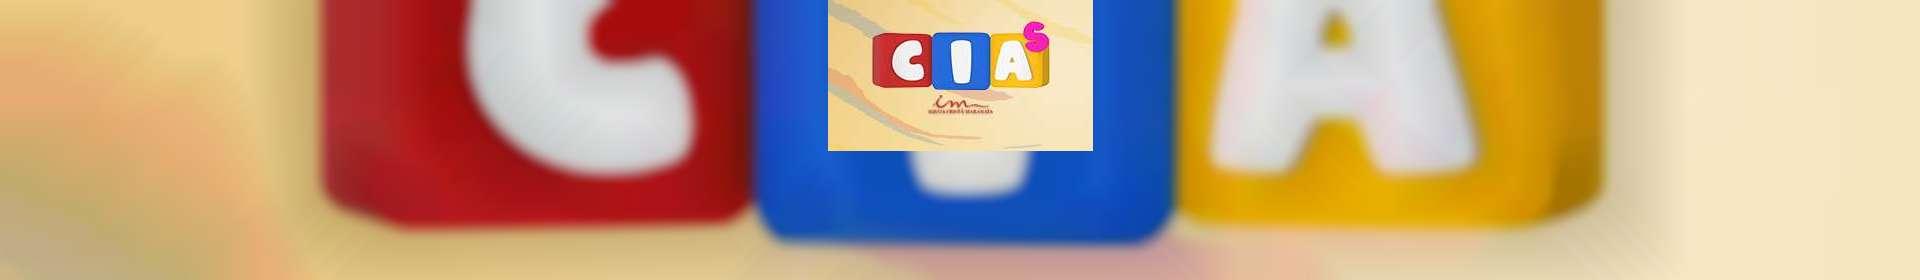 Aula de CIAS: classe de 11 a 15 anos - 30 de abril de 2020